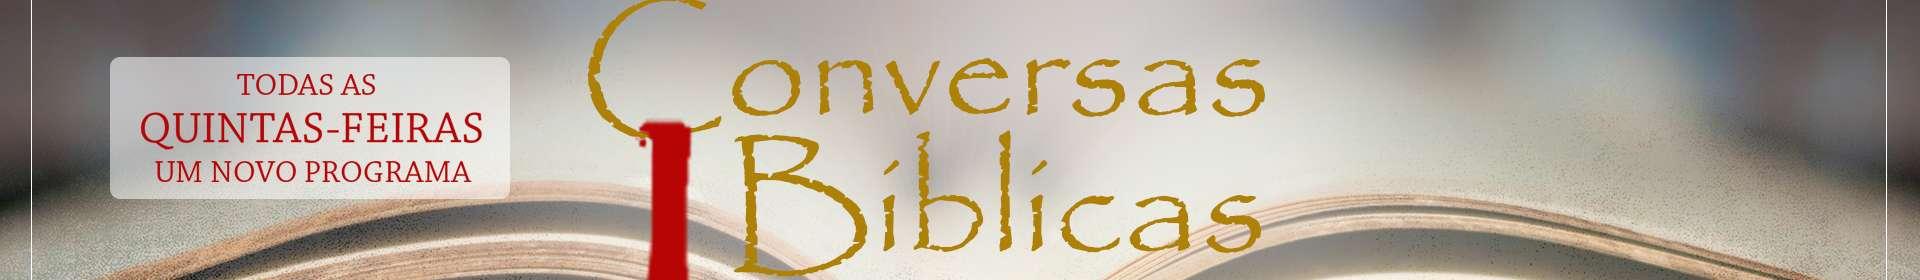 Assista agora: Conversas Bíblicas